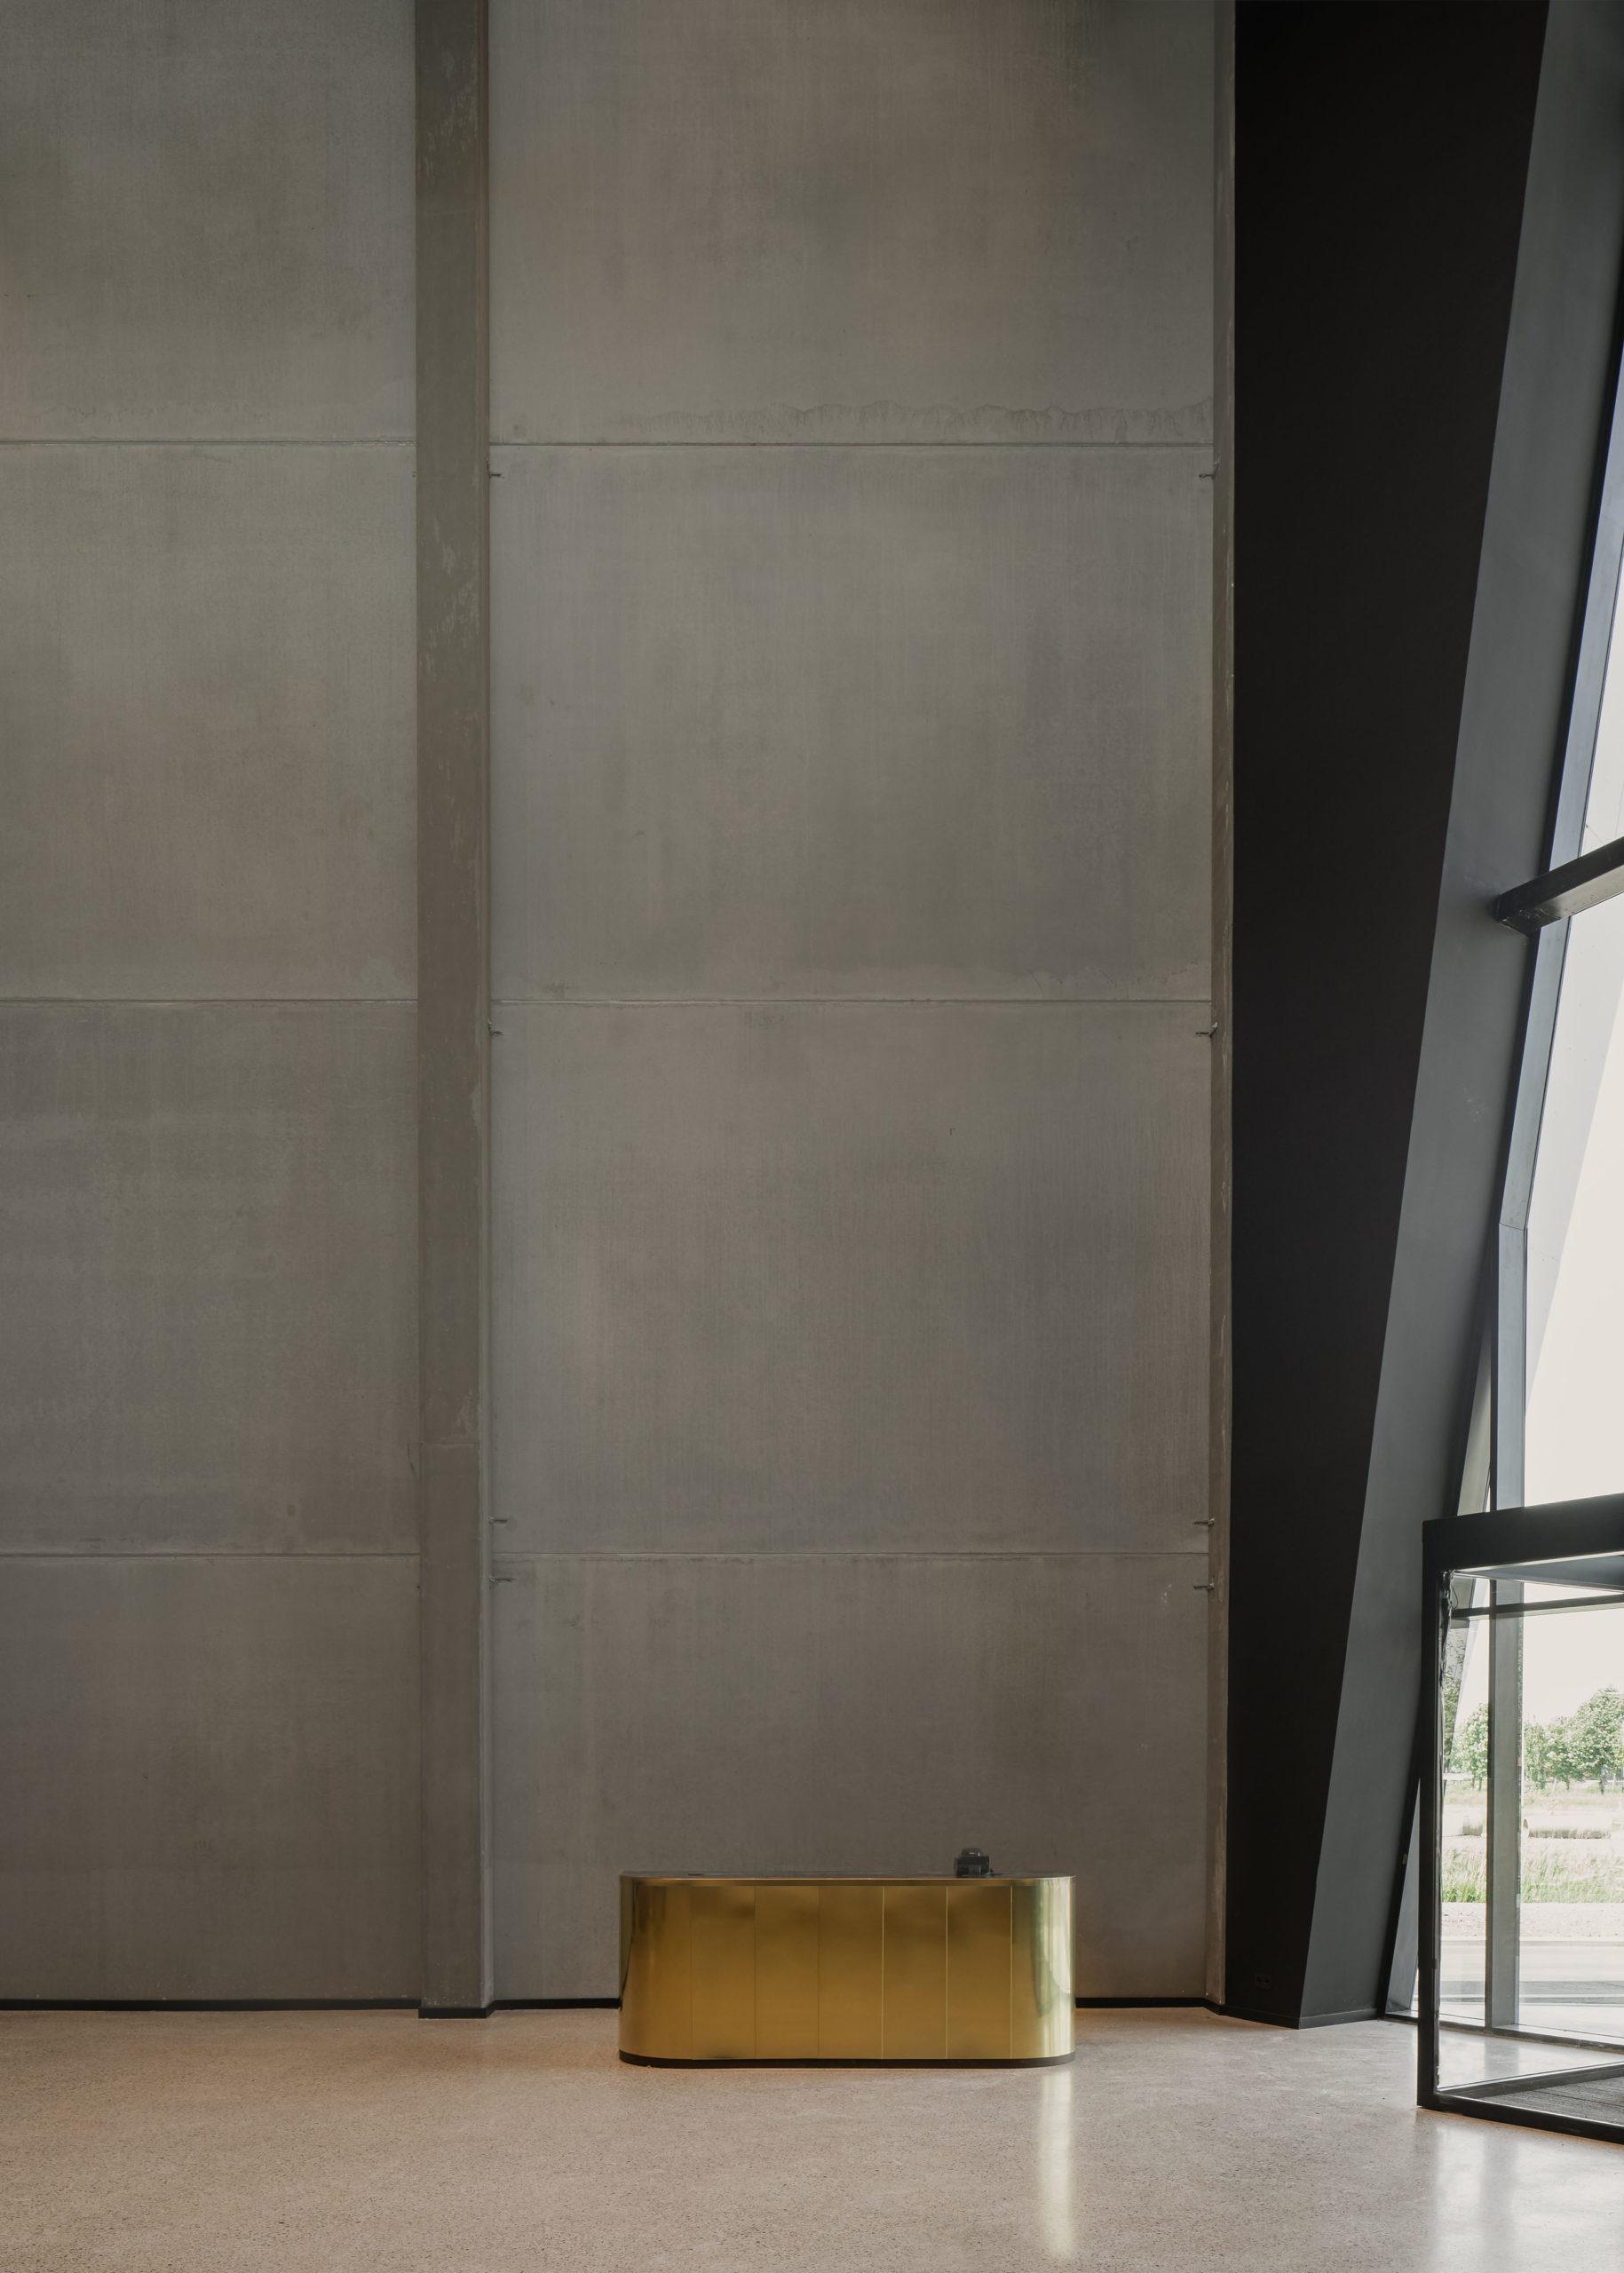 Le métal est l'épine dorsale de la construction moderne.  Le cuivre, le laiton, l'acier et l'aluminium sont utilisés chaque jour pour créer des bâtiments magnifiques et uniques.